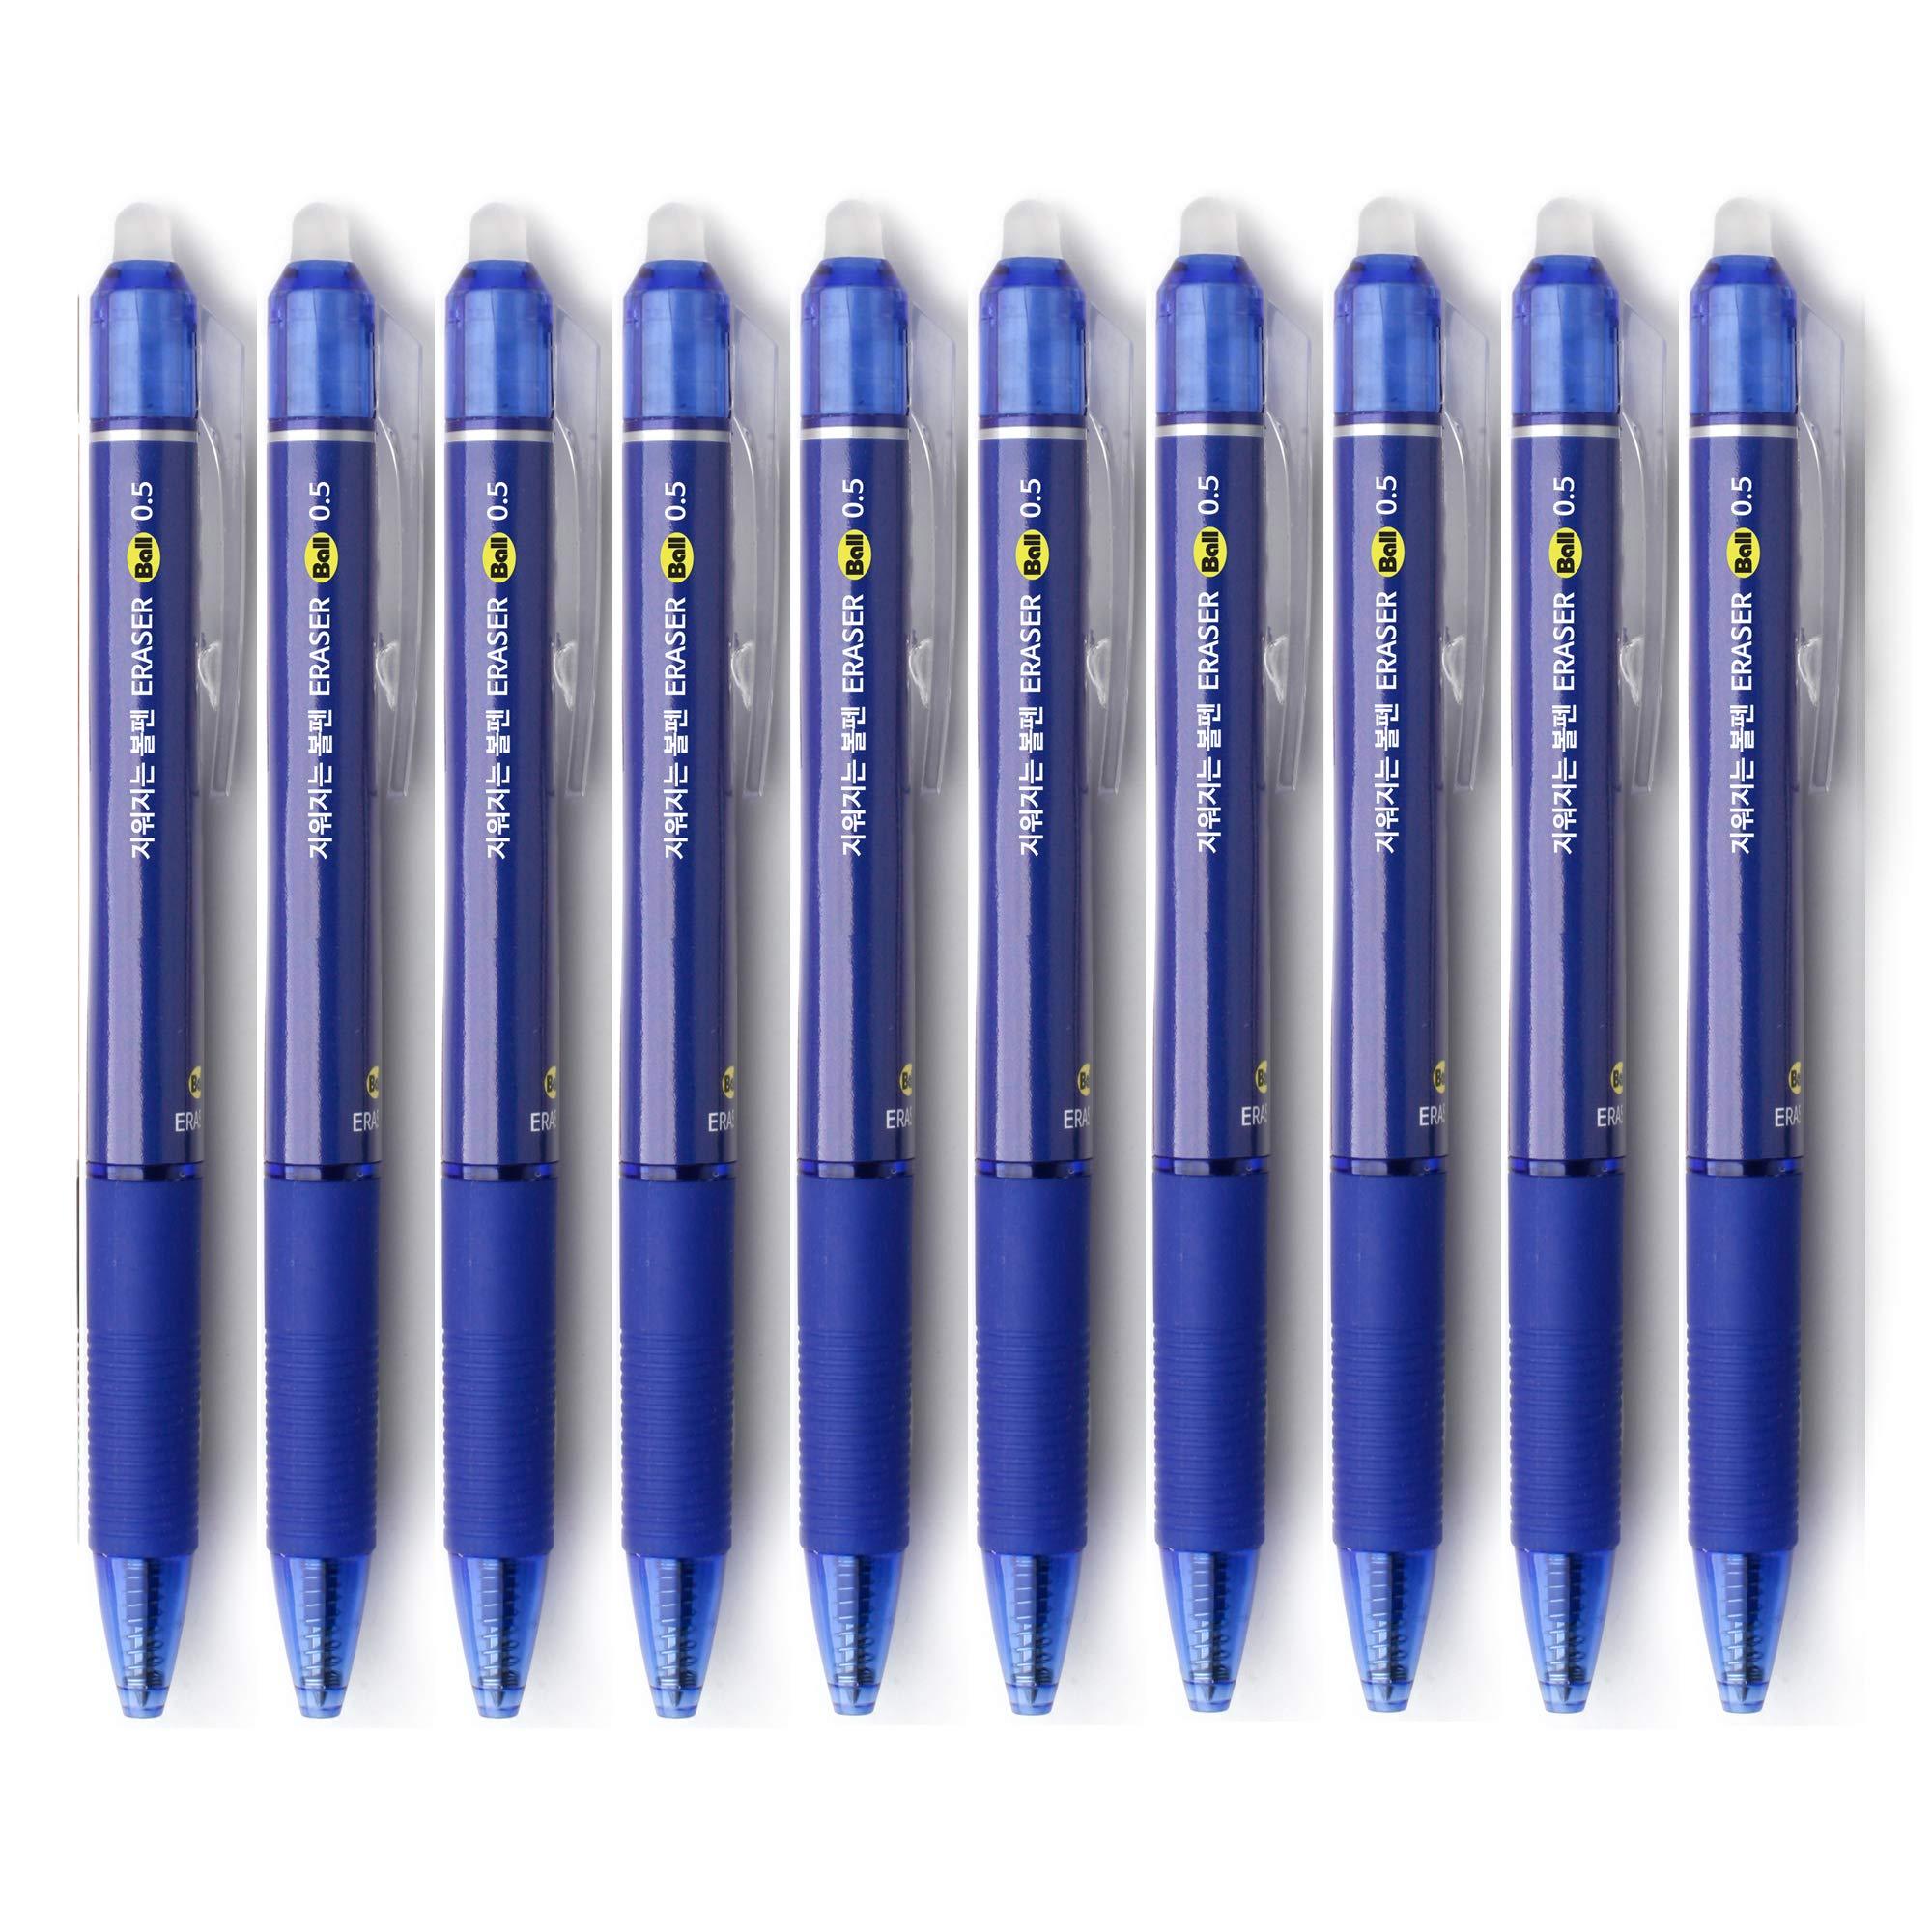 ERASER BALL Clicker 0.5mm, Erasable Gel Pens, Fine Point, Black Blue Red Ink, 10-Pack (BLUE)